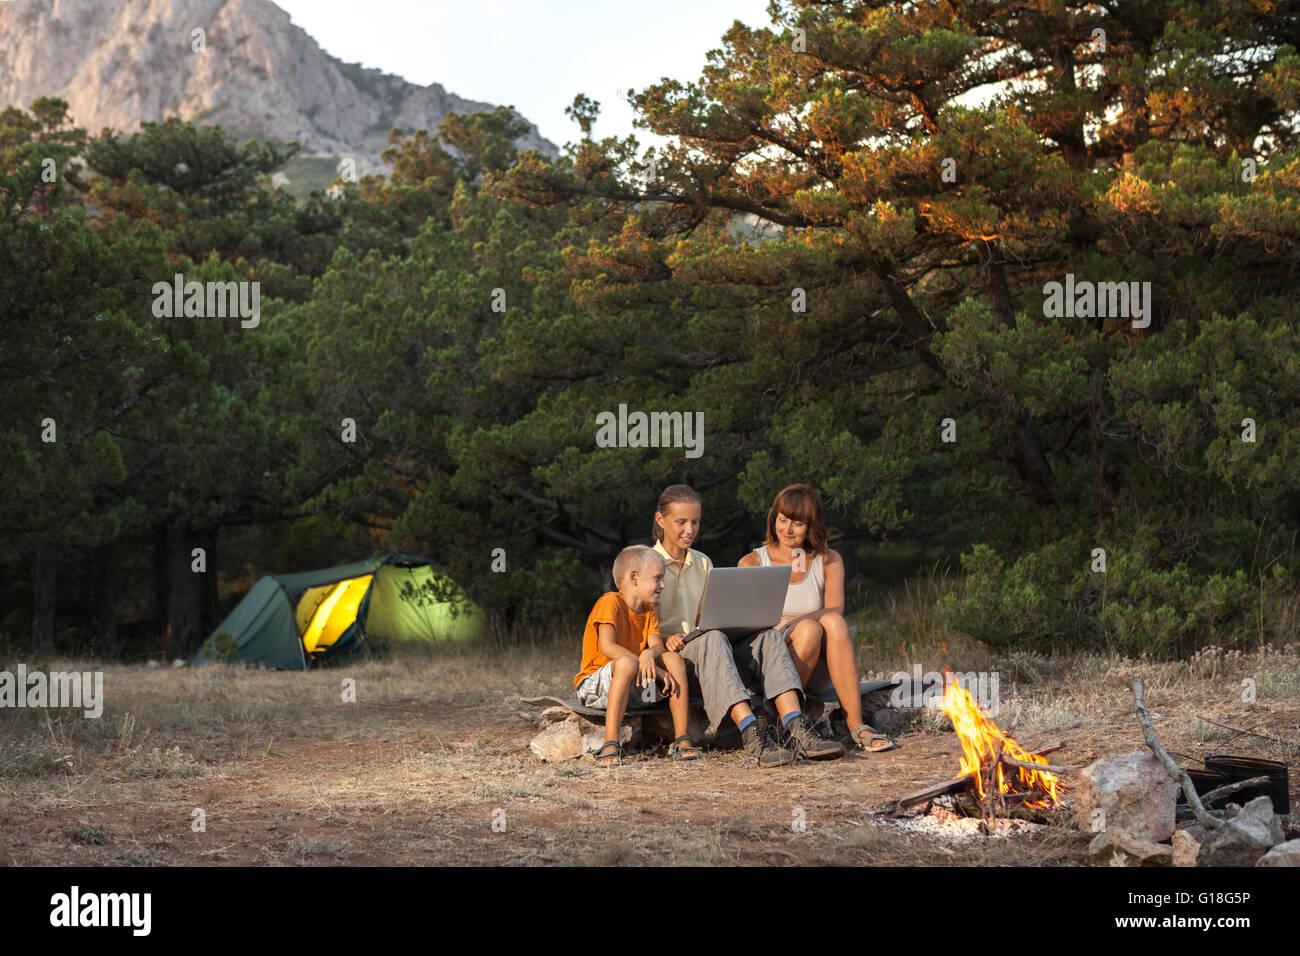 Familie von Trhee Personen mit Laptop auf dem Campingplatz Stockbild